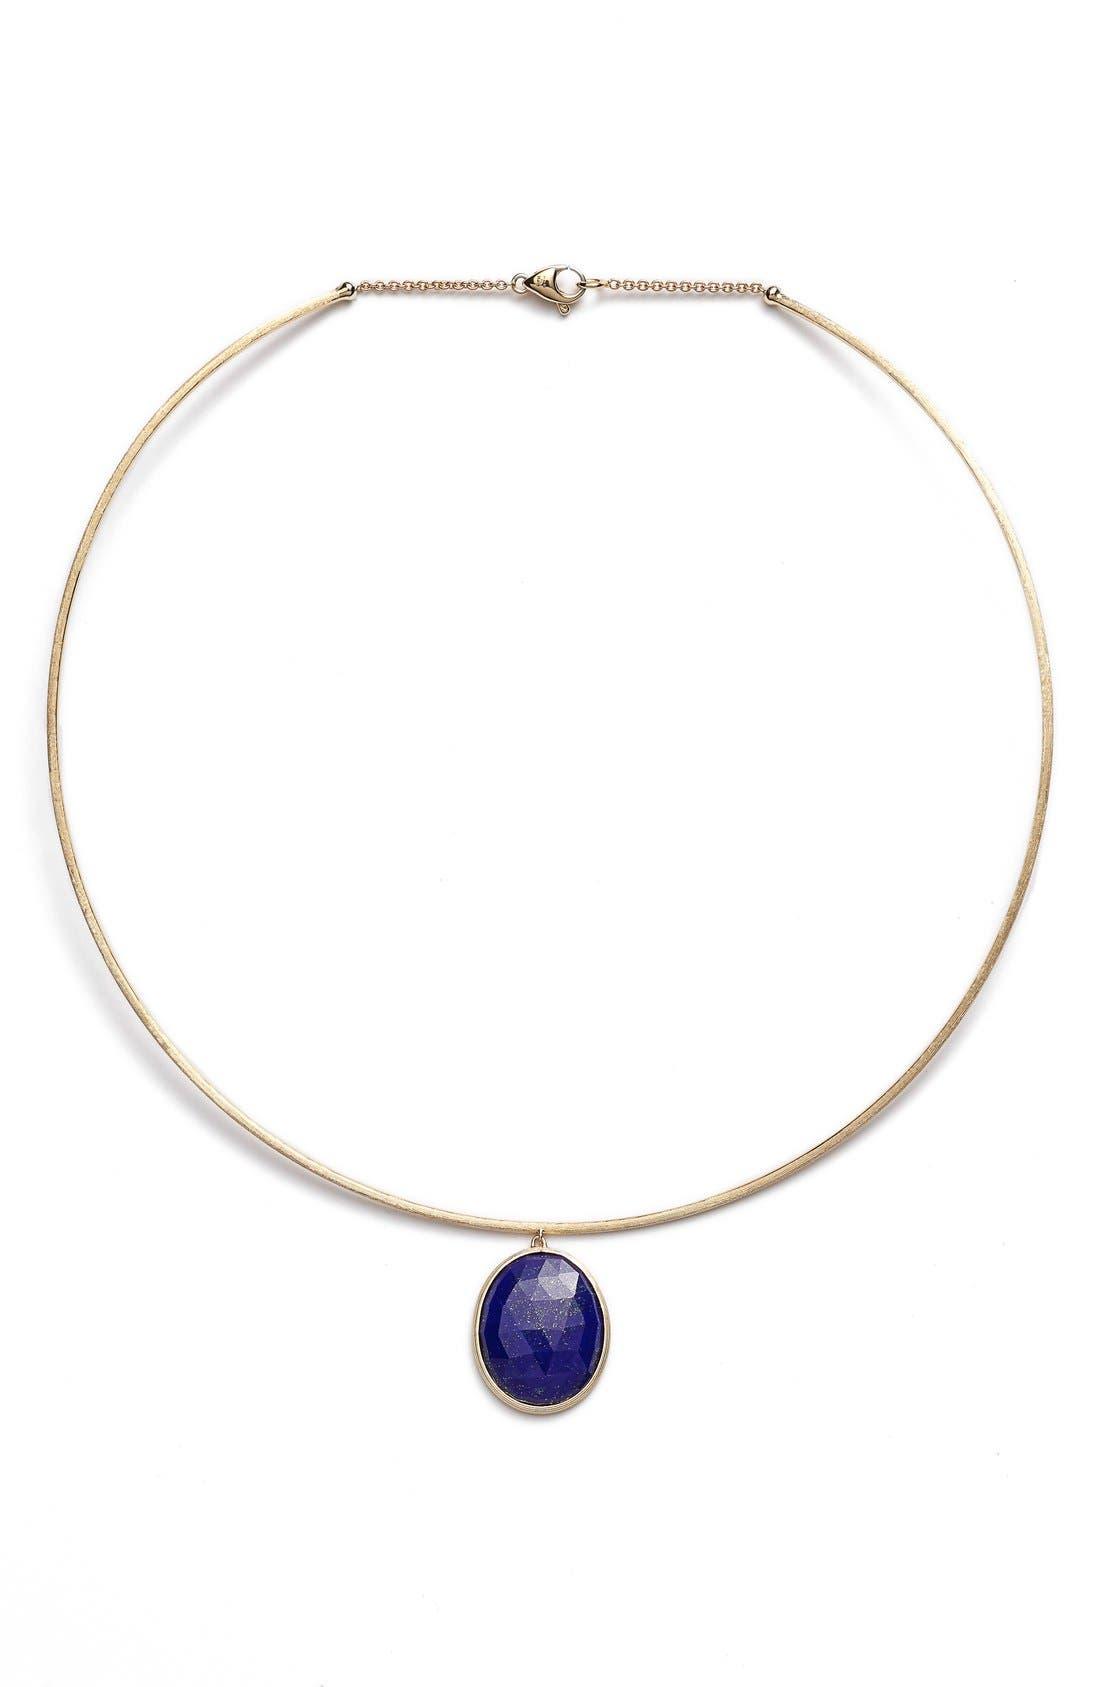 'Lunaria' Lapis Collar Necklace,                             Main thumbnail 1, color,                             Yellow Gold/ Lapis